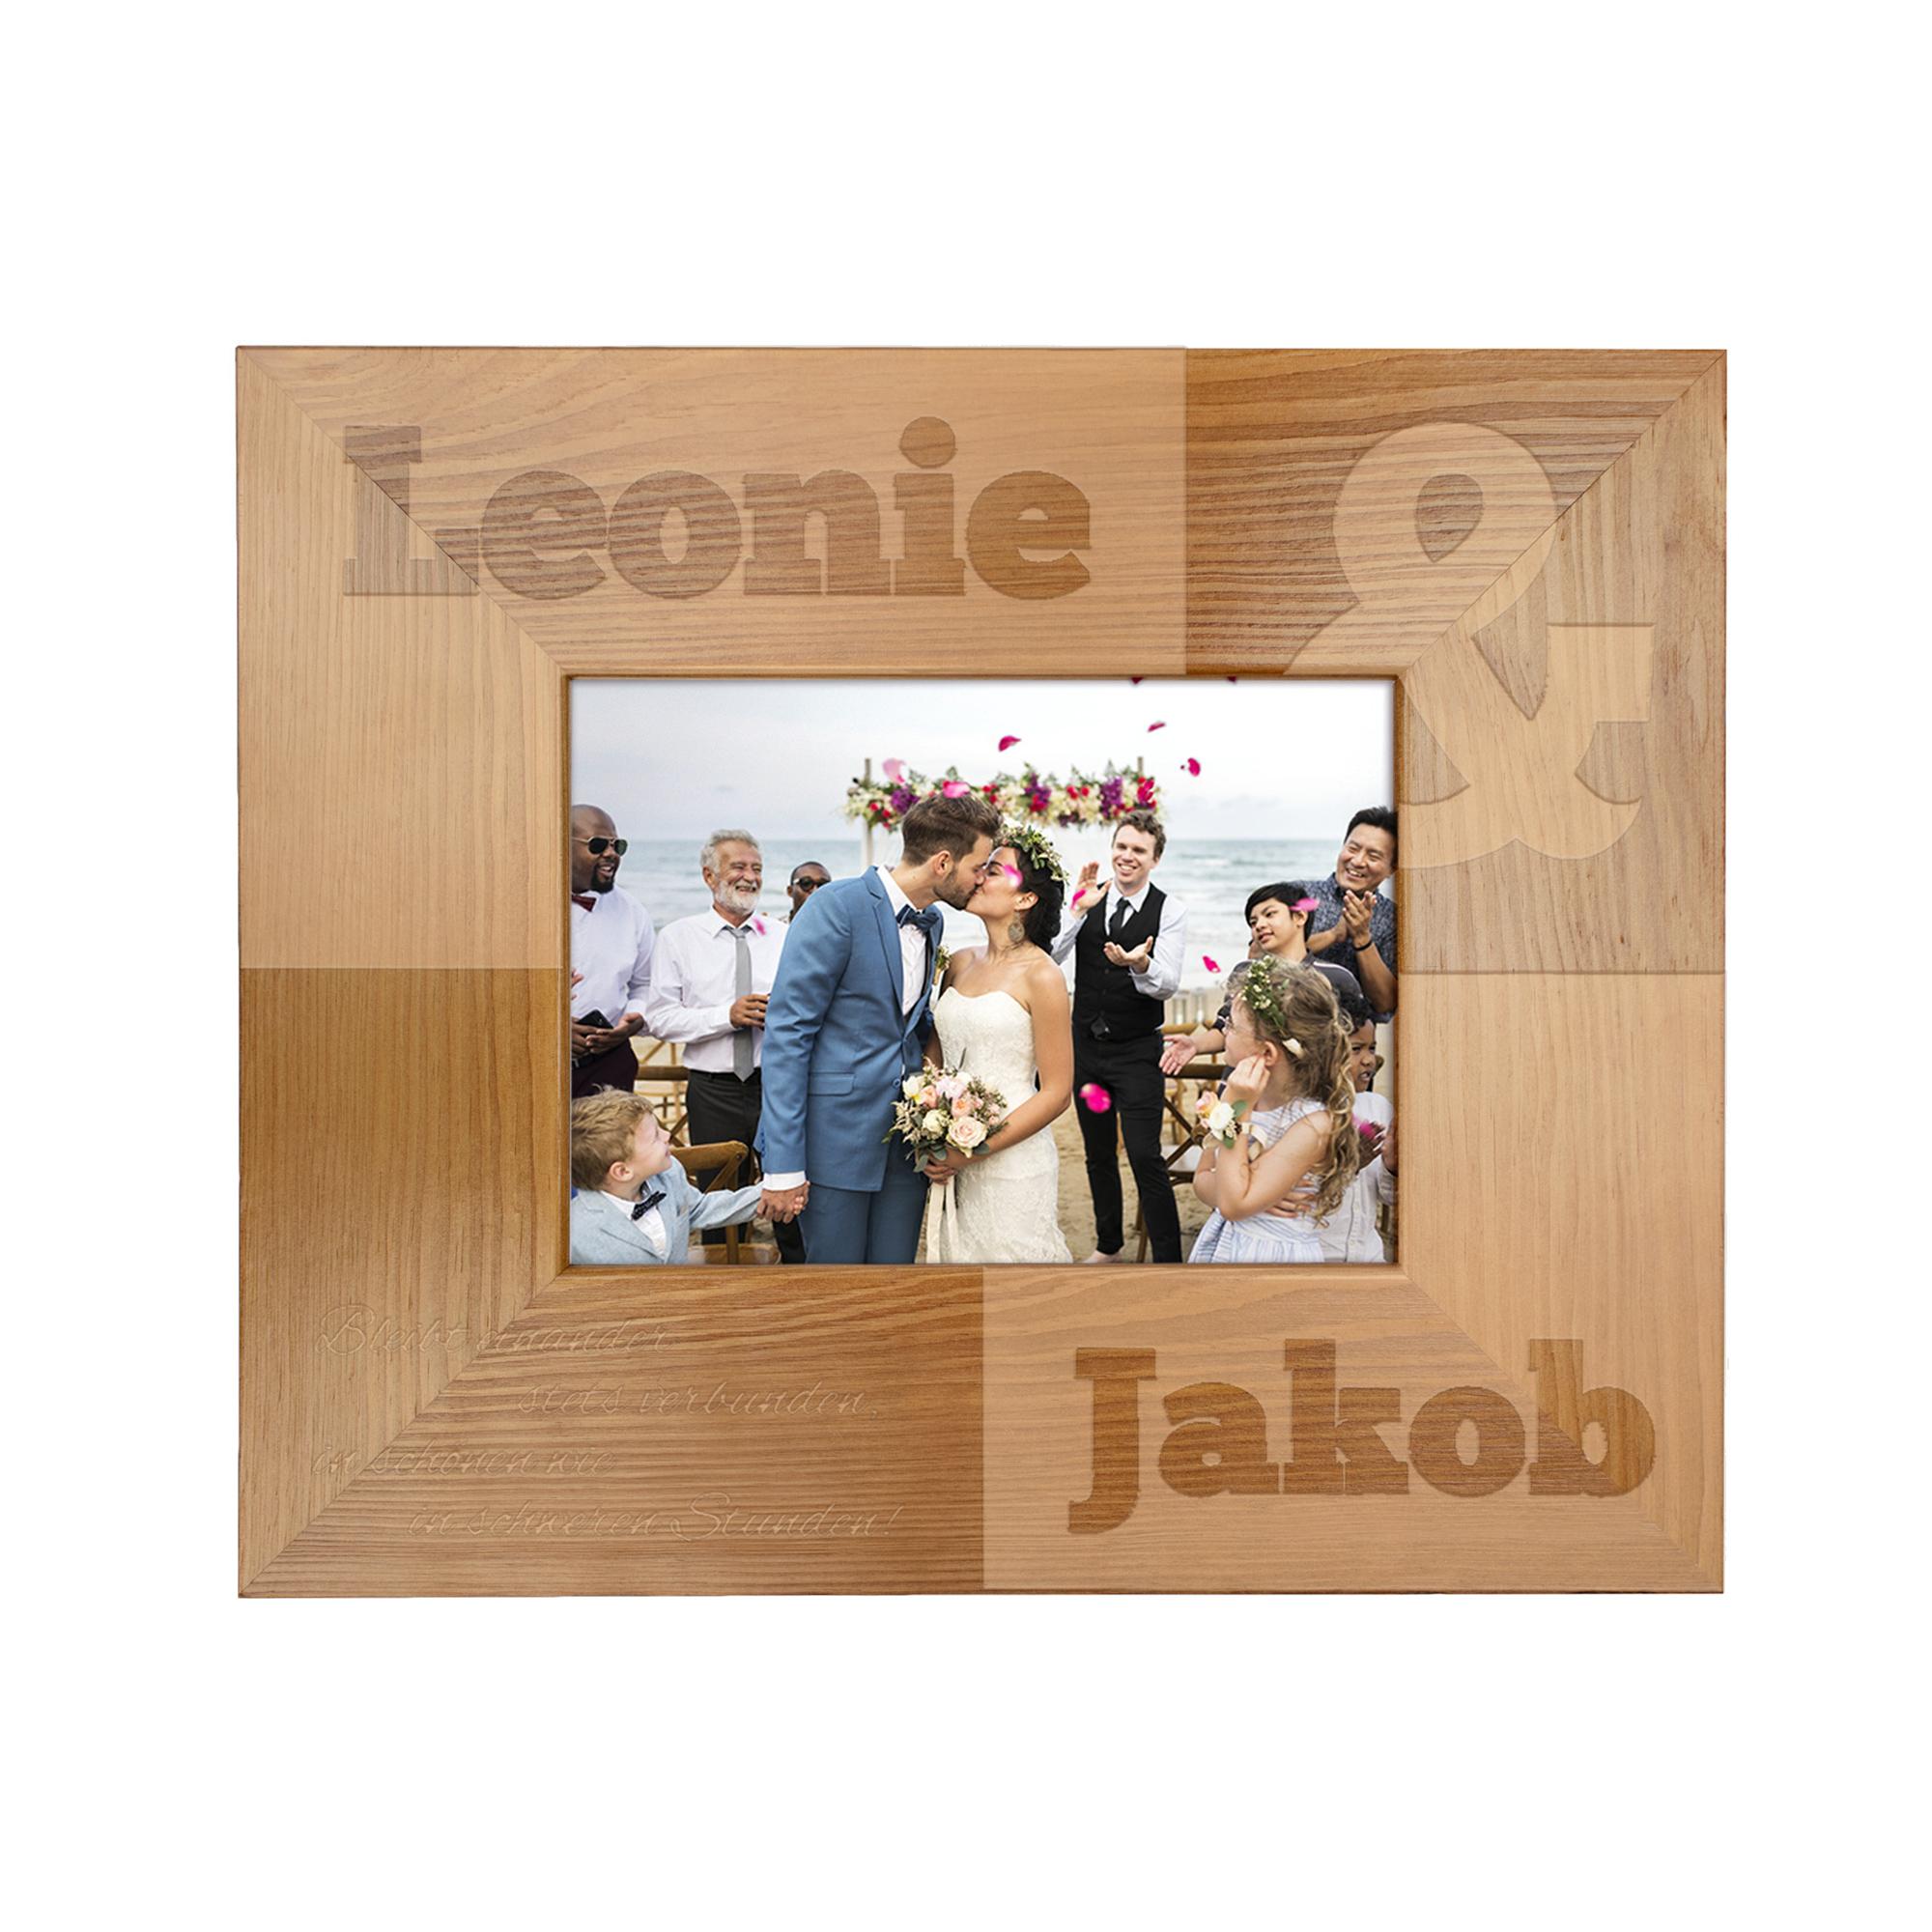 Bilderrahmen aus Holz mit Gravur zur Hochzeit - Personalisiert